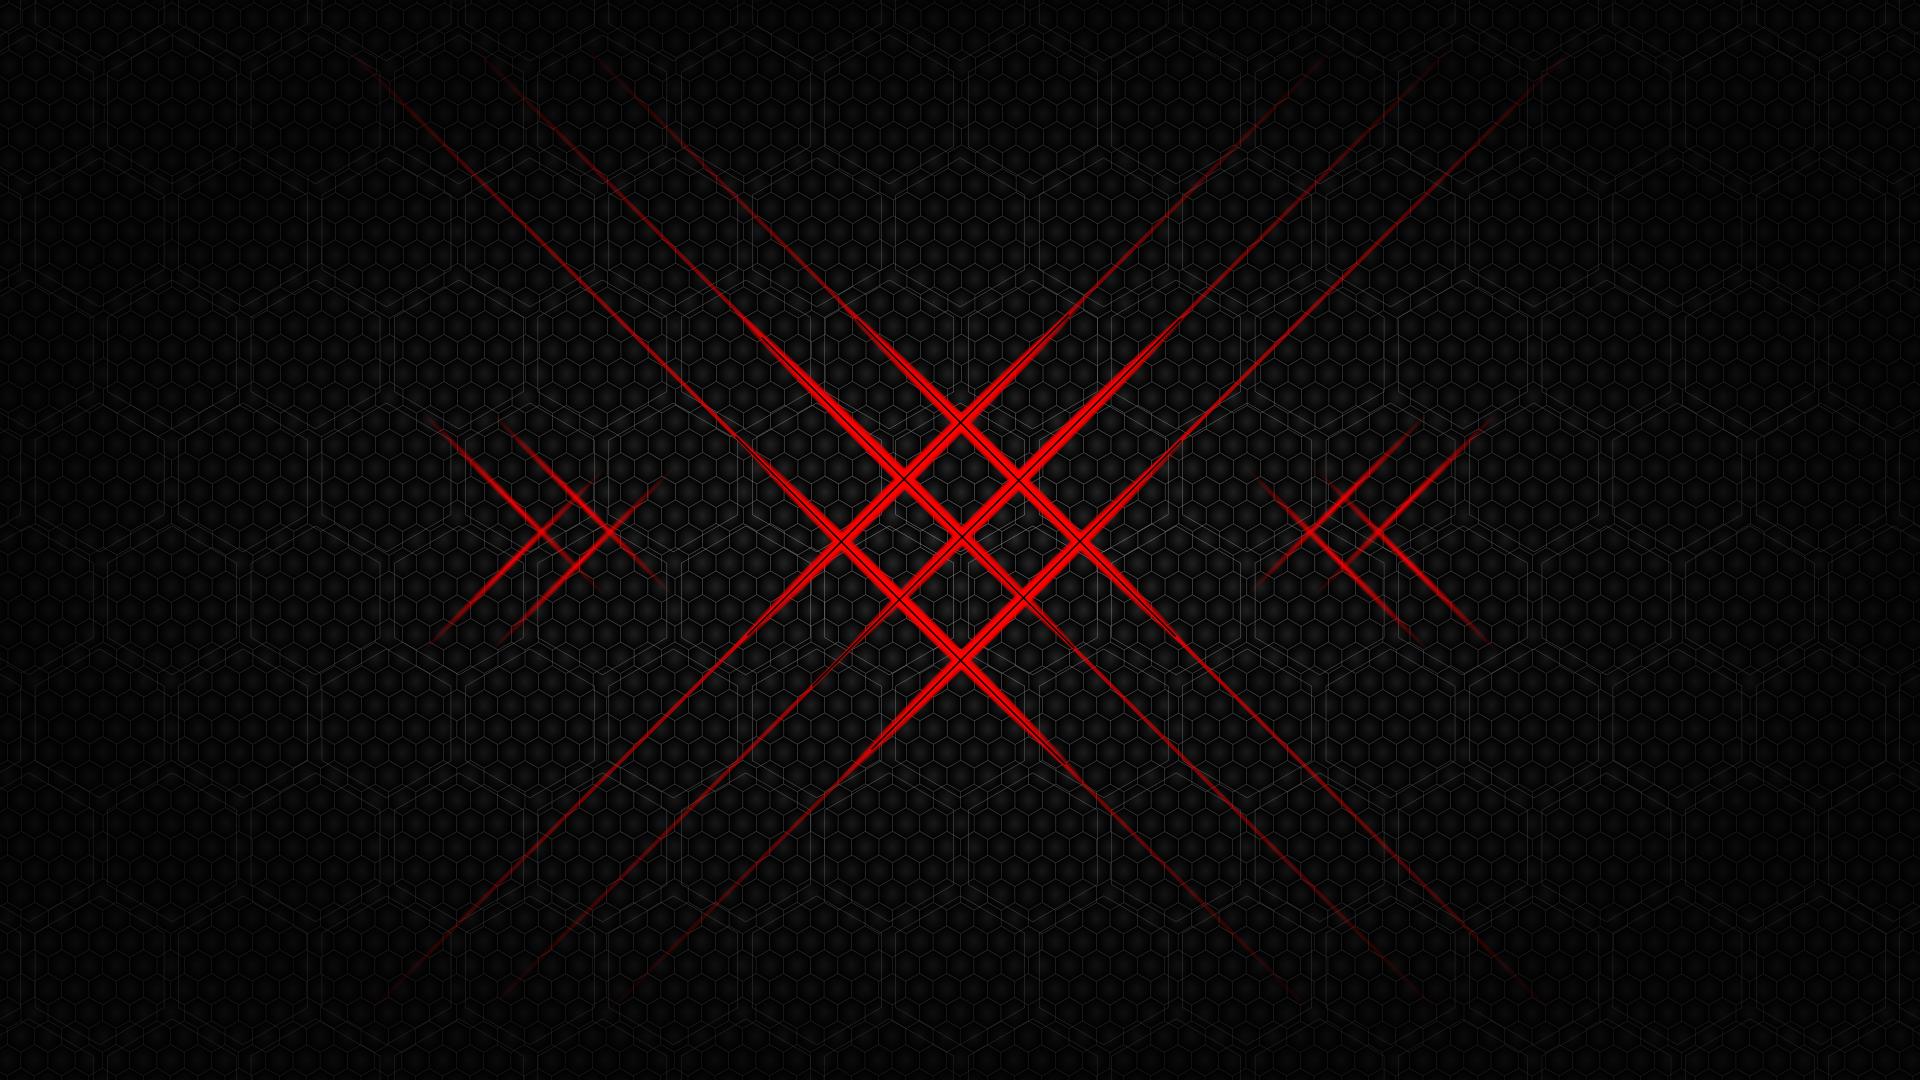 Flash hexagon - 10k background (Red)